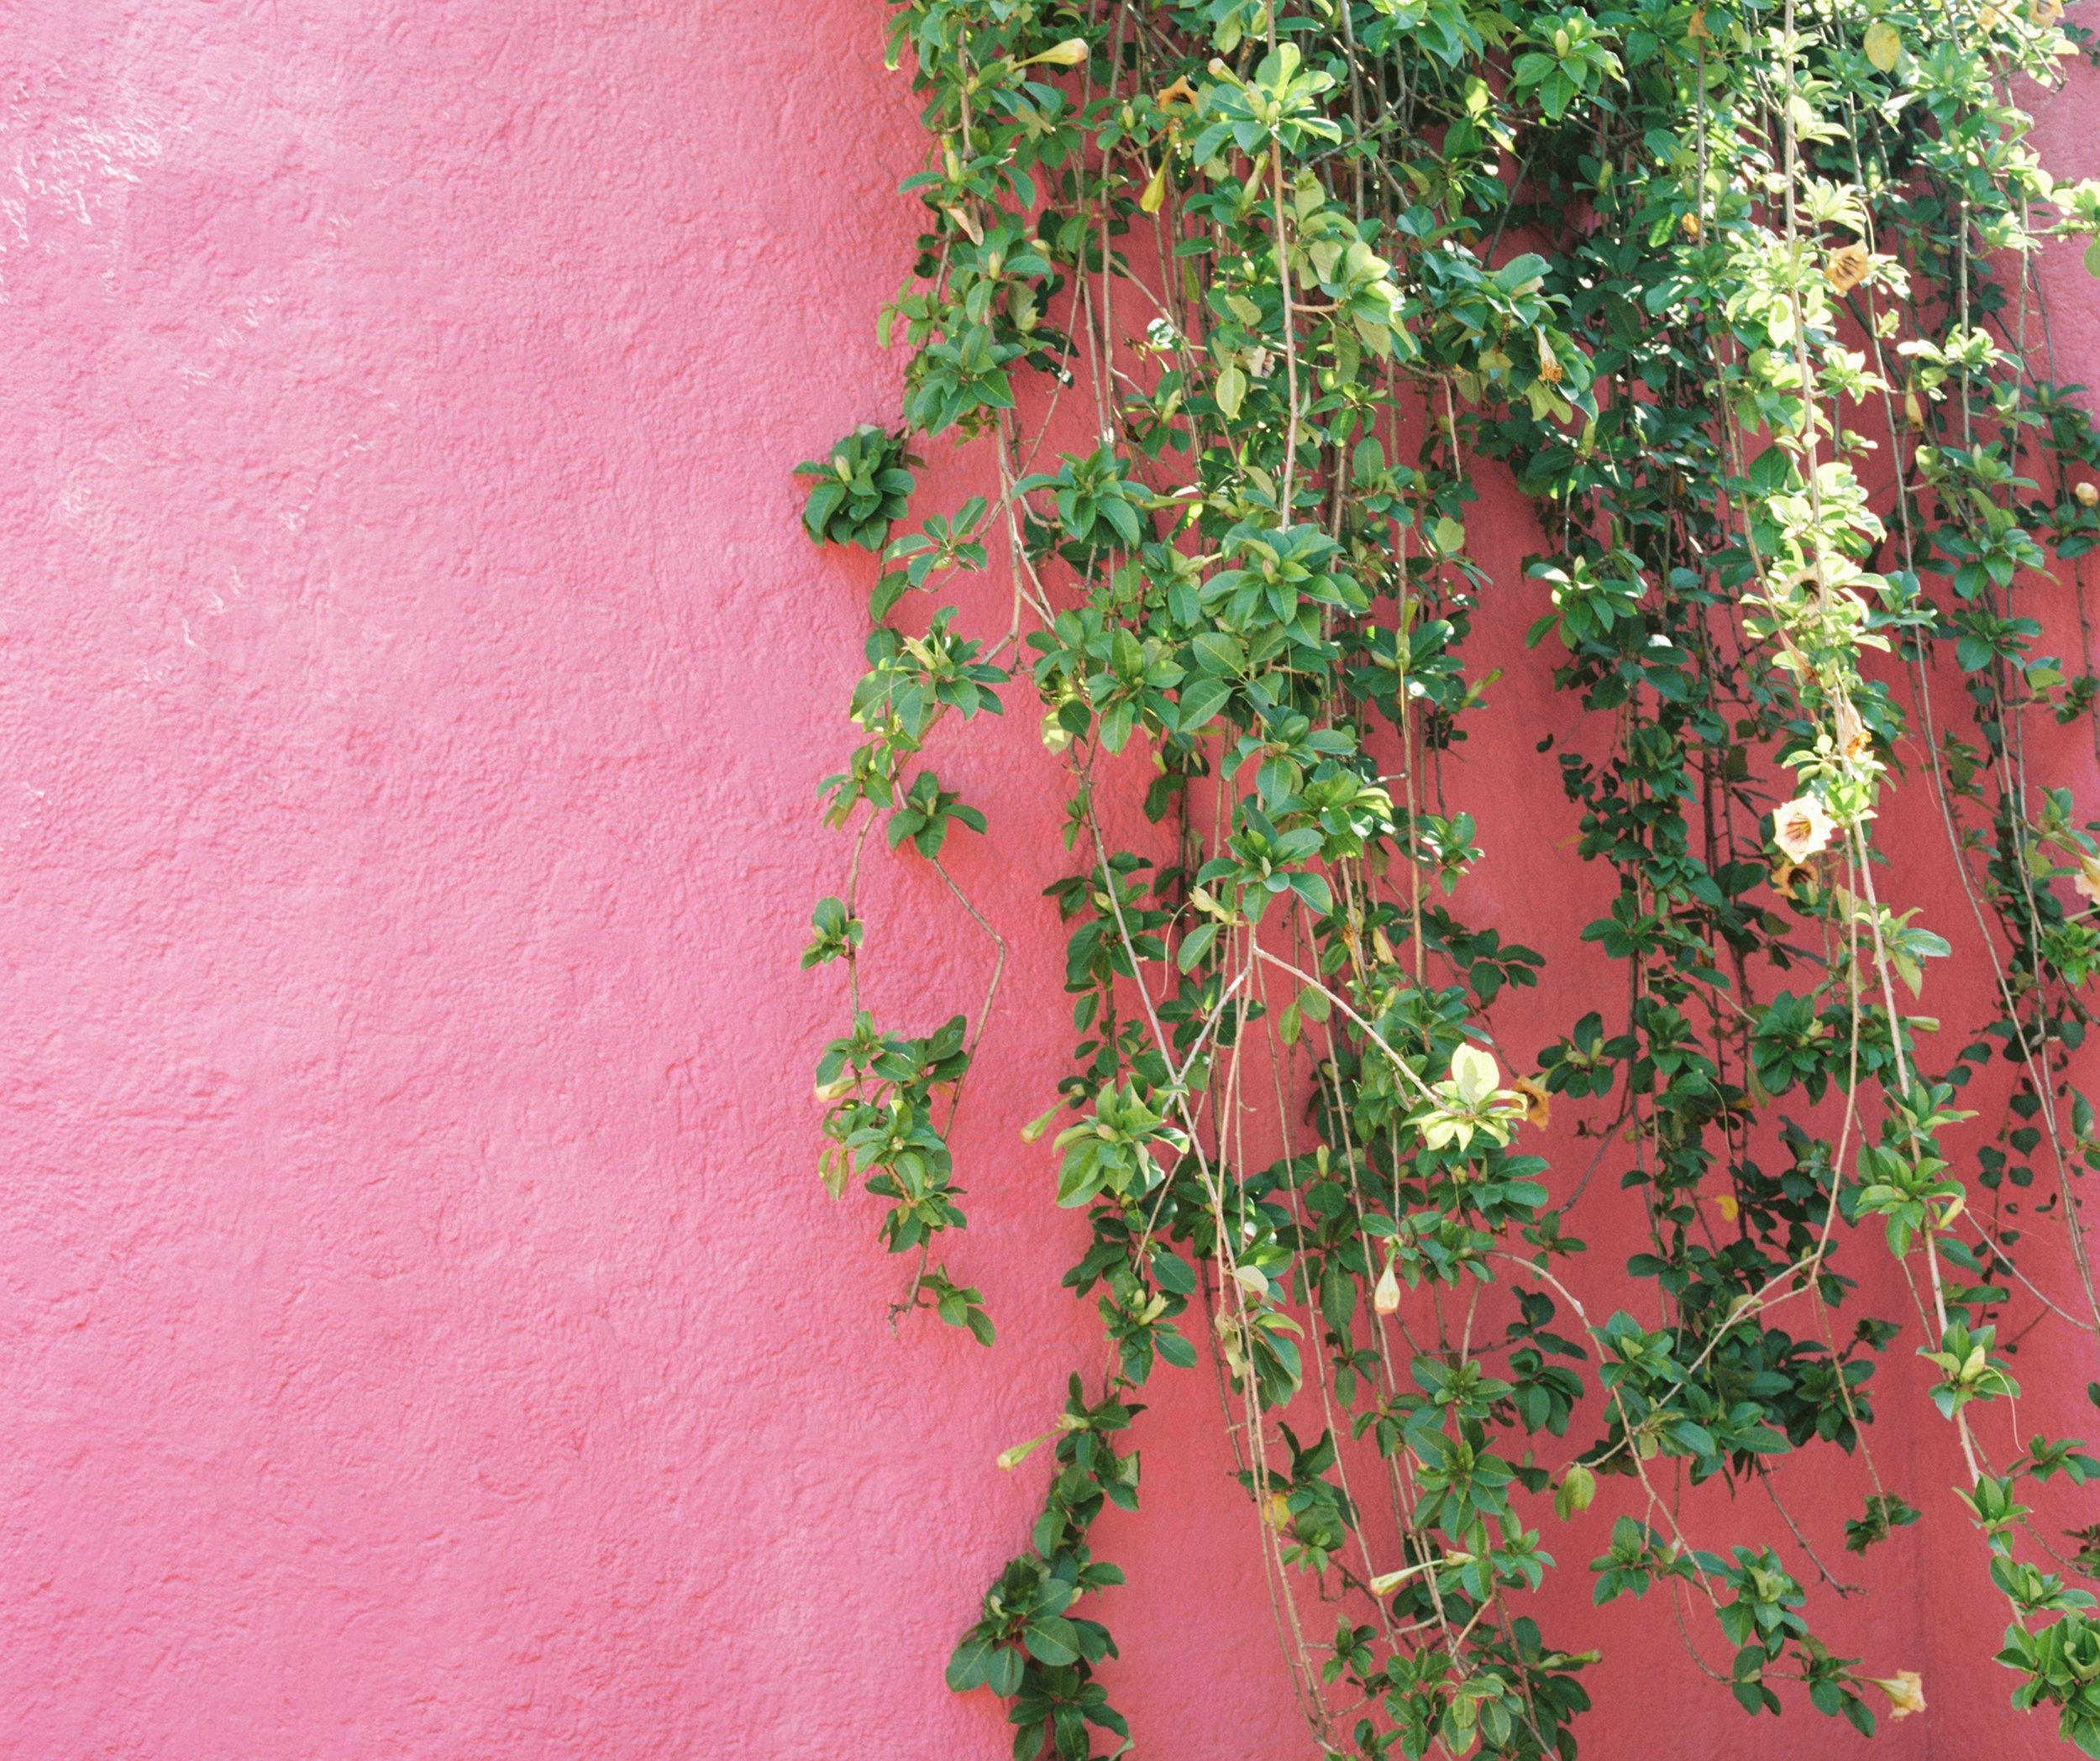 Casa Luis Barragan Pink Wall Plants